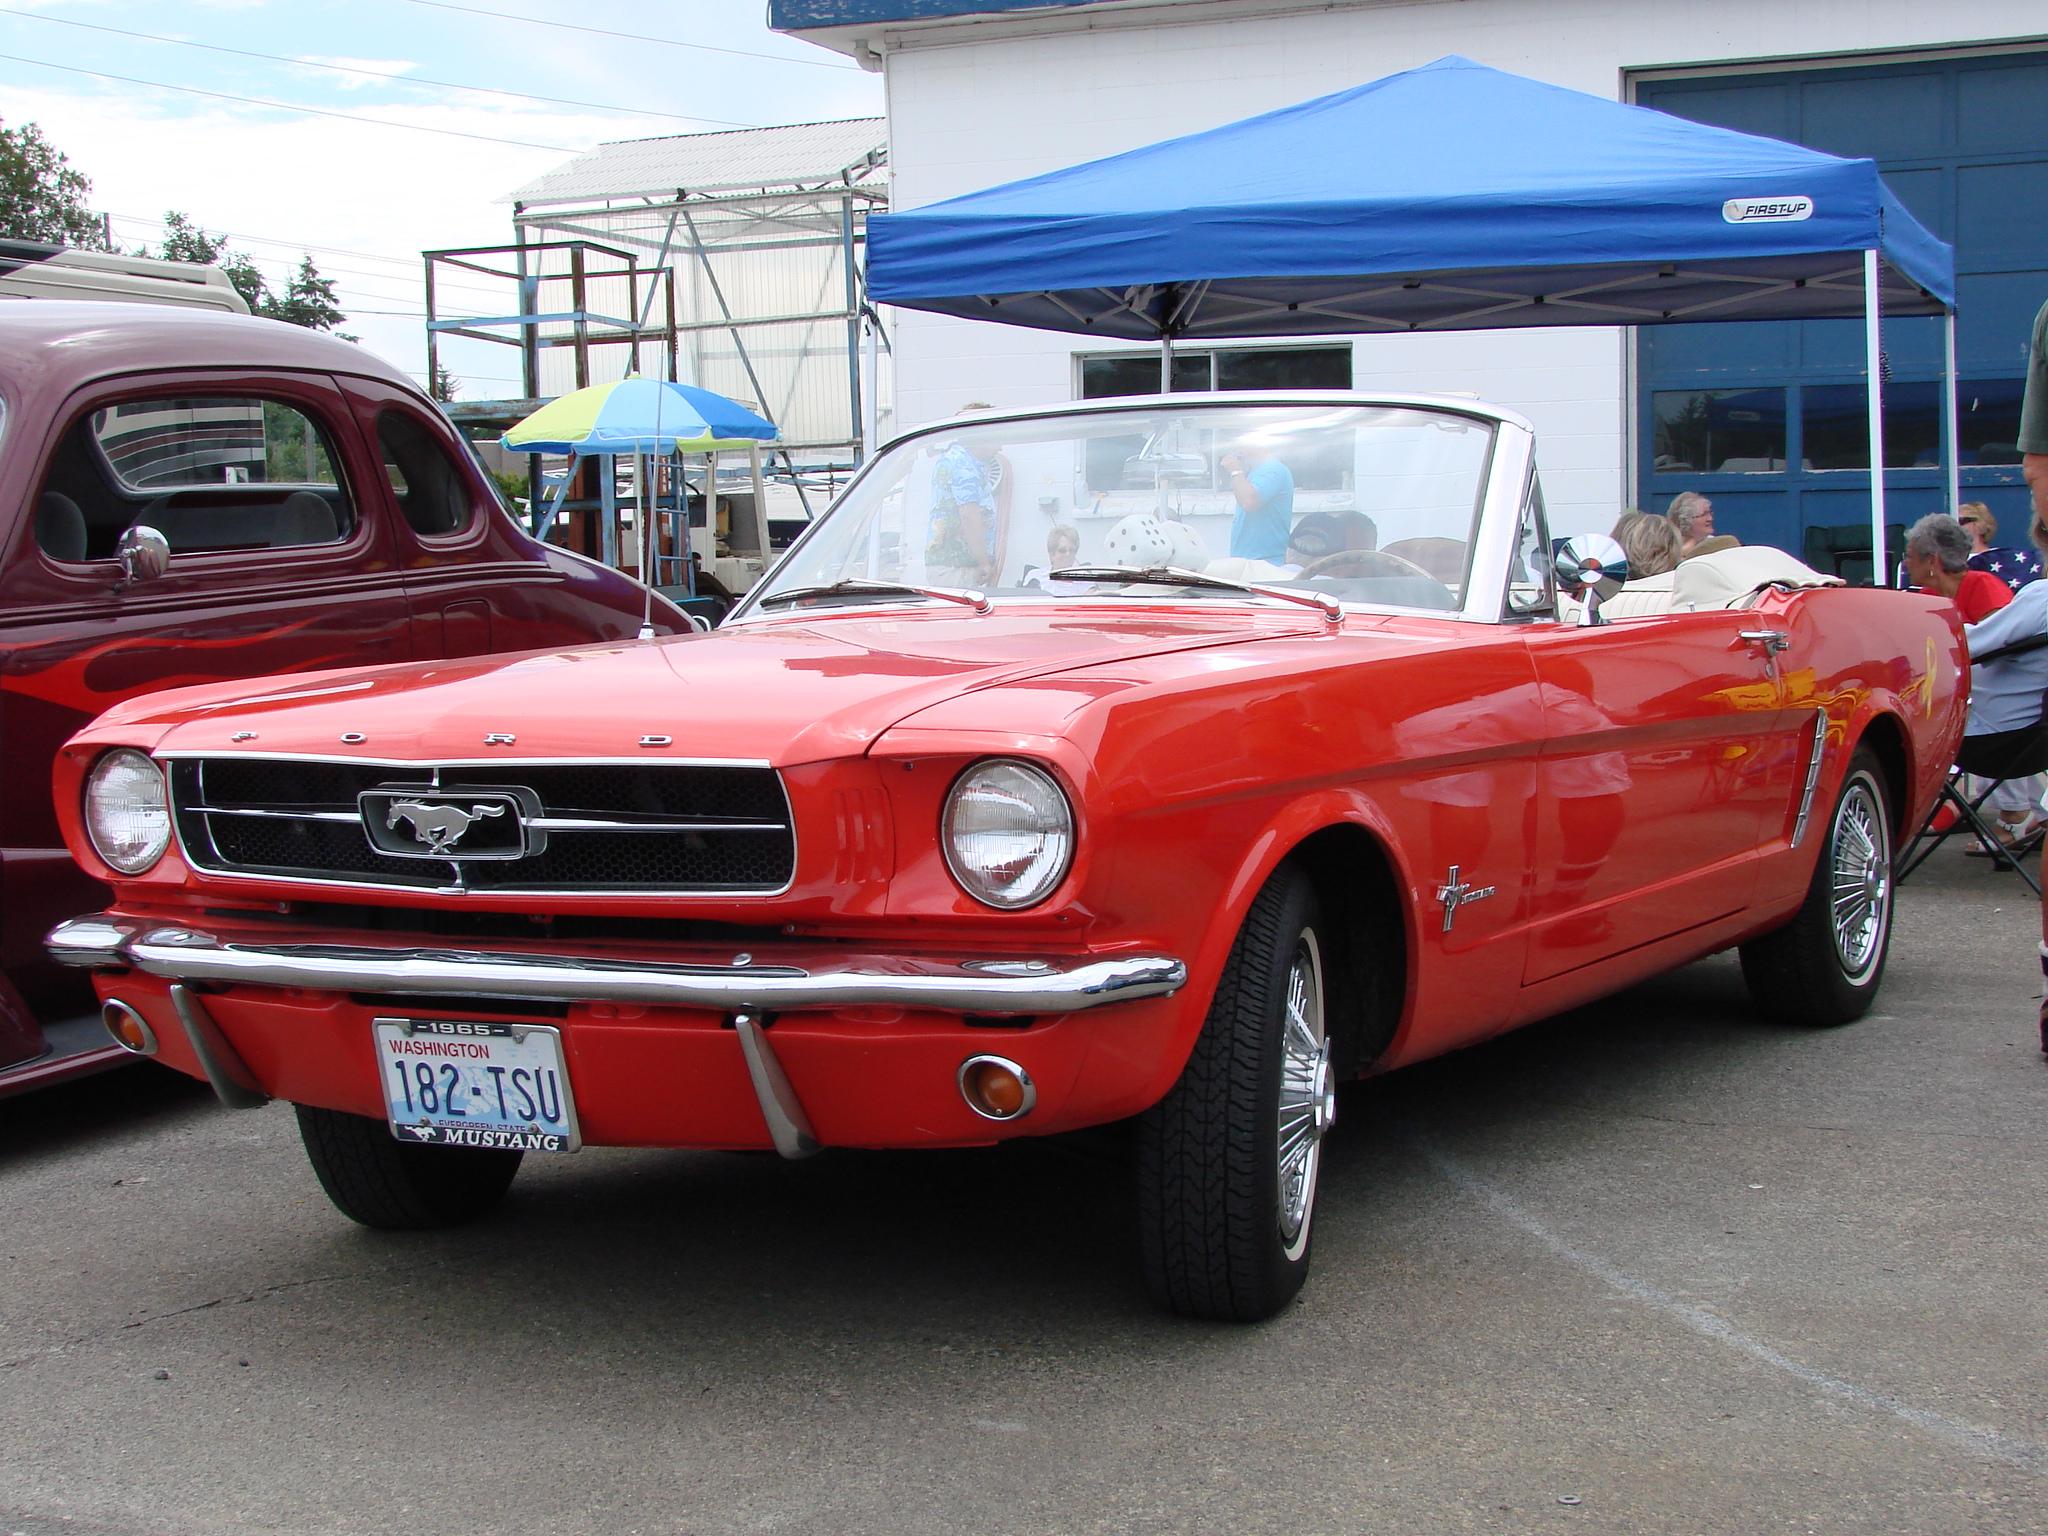 Jim & Linda Haddon 65 Ford Mustang